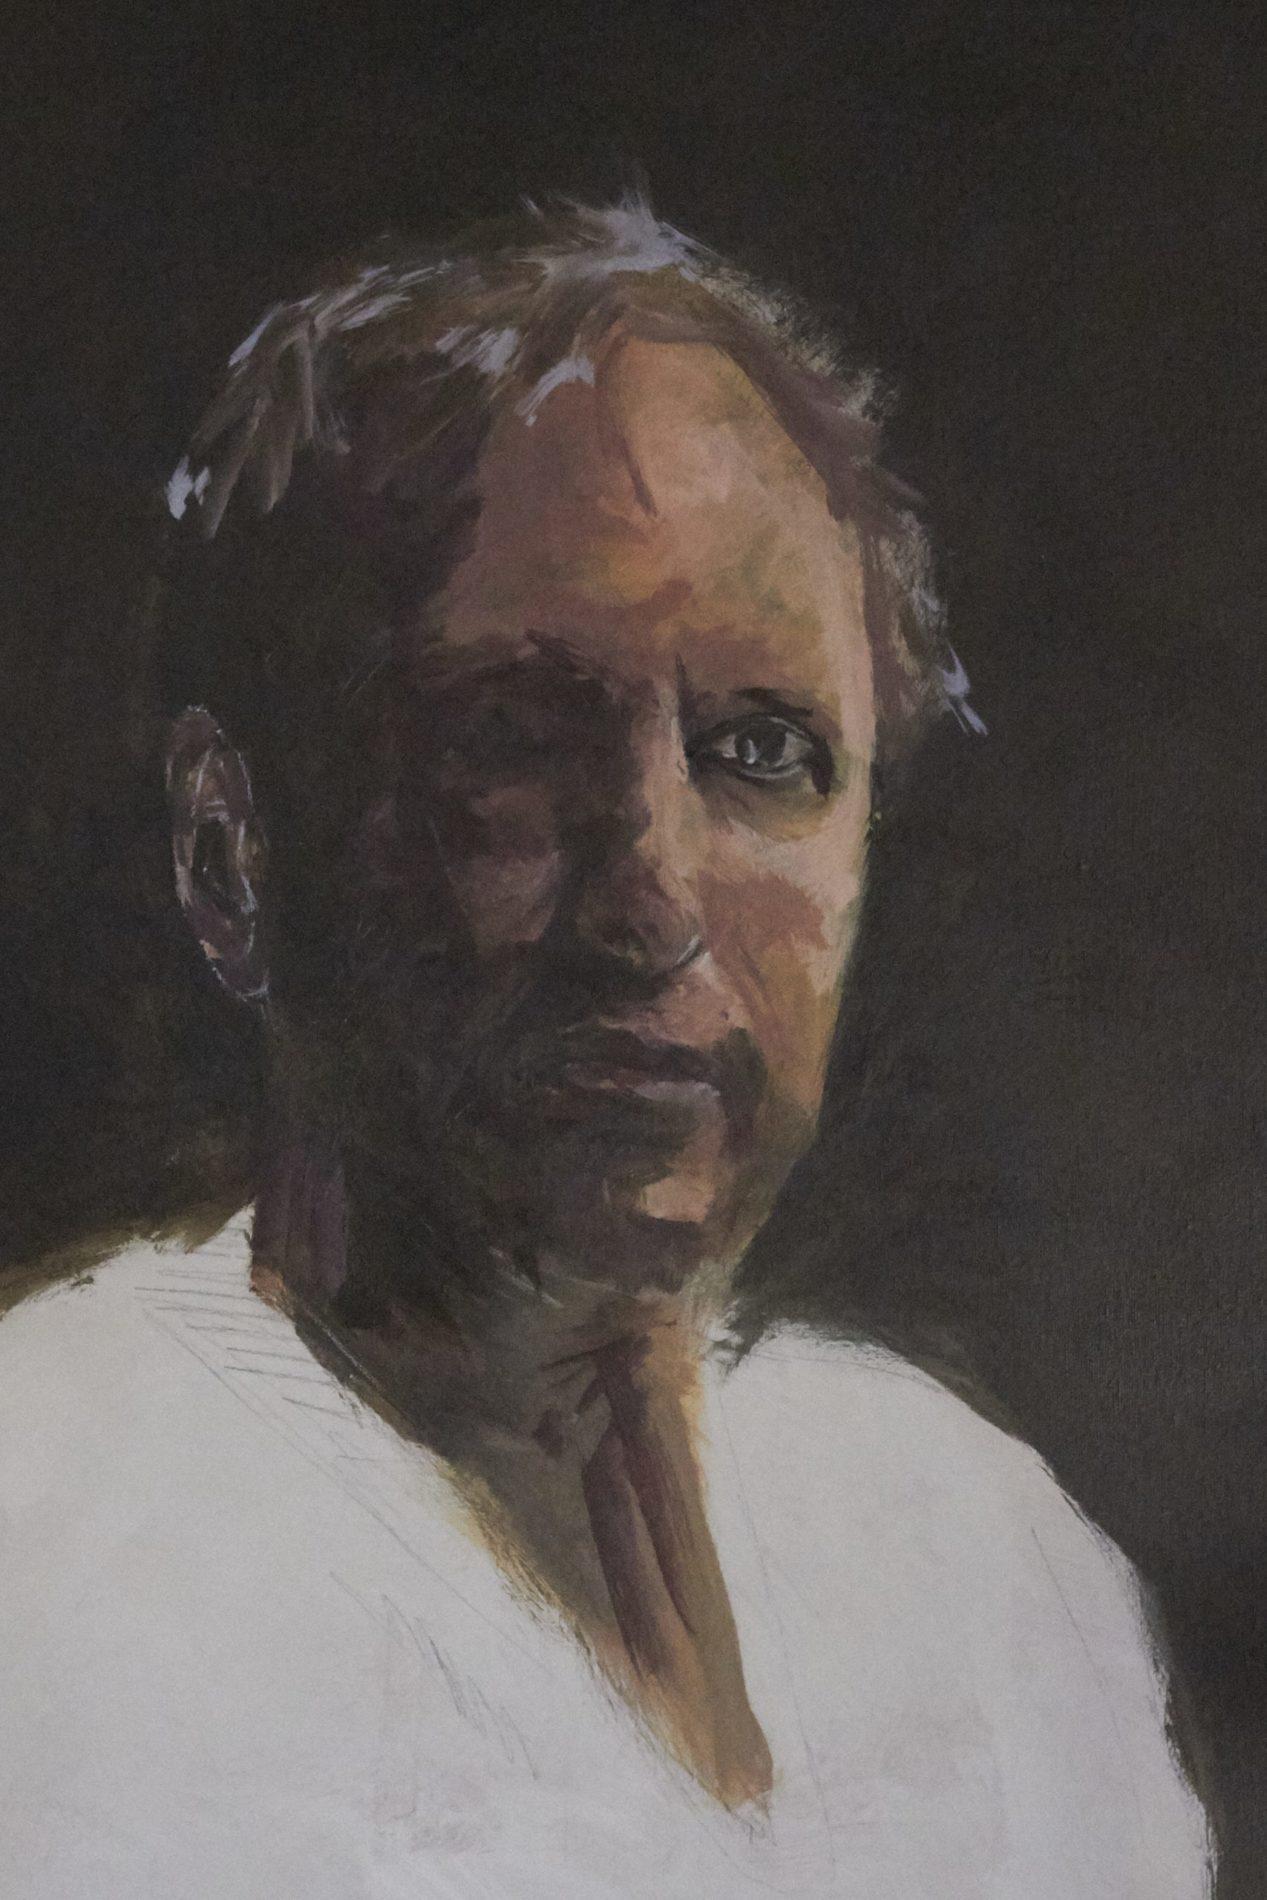 Jeroen Self Portrait - Process. ©Jeroen Carelse